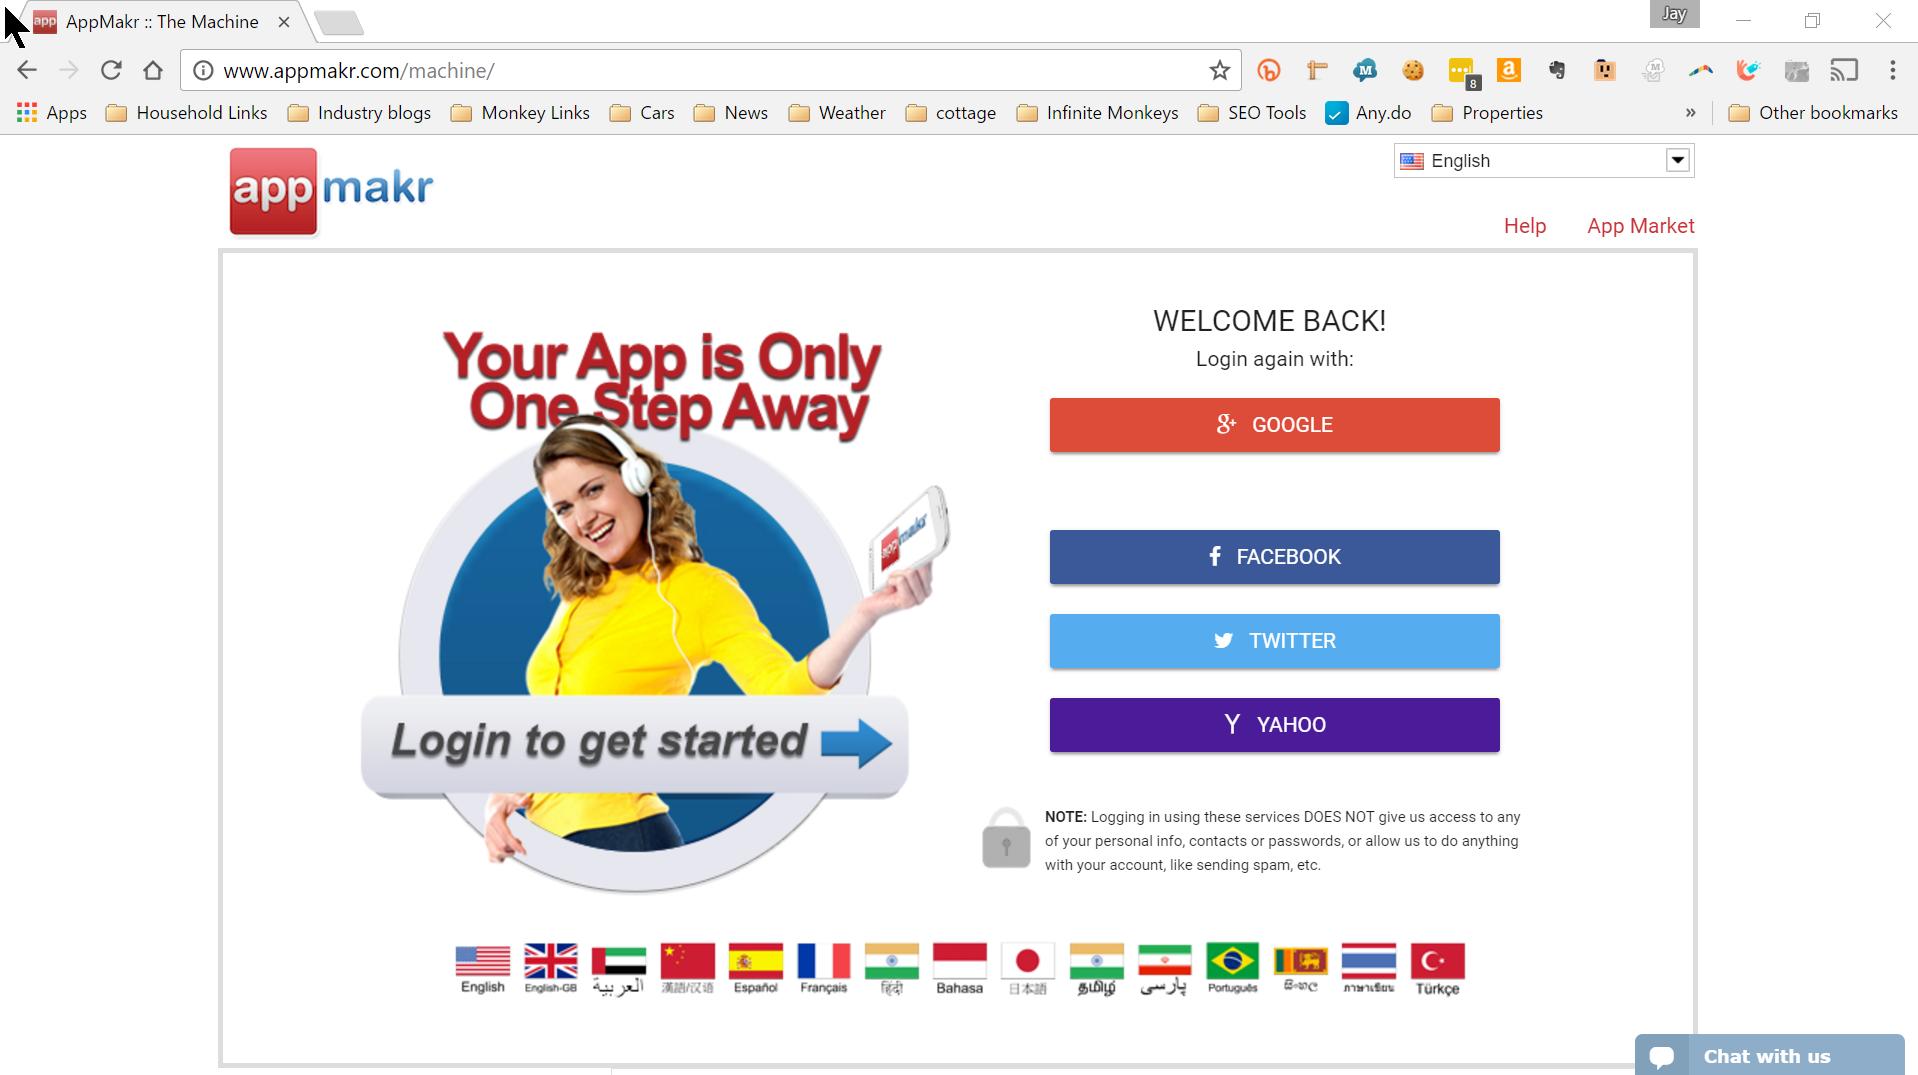 AppMakr Demo - Social Network Login